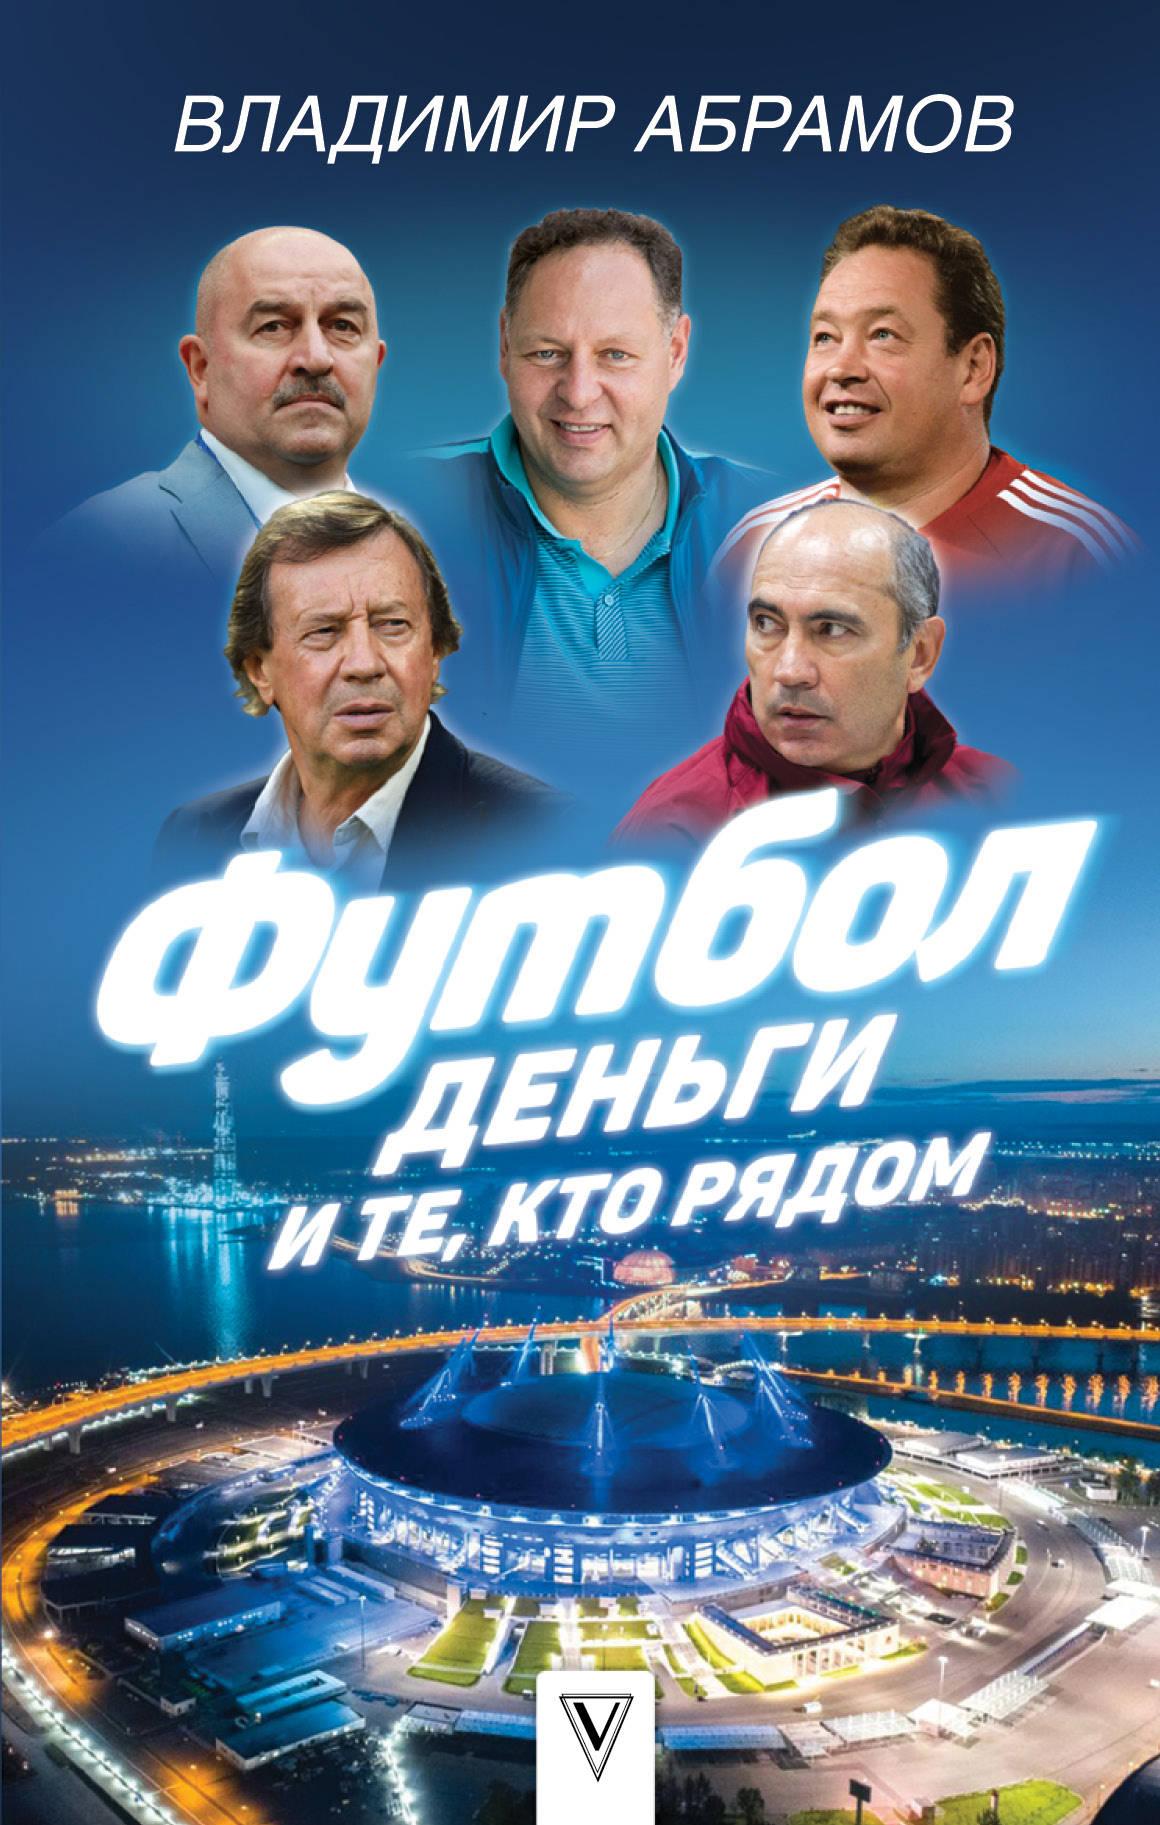 Футбол, деньги и те, кто рядом. Владимир Абрамов